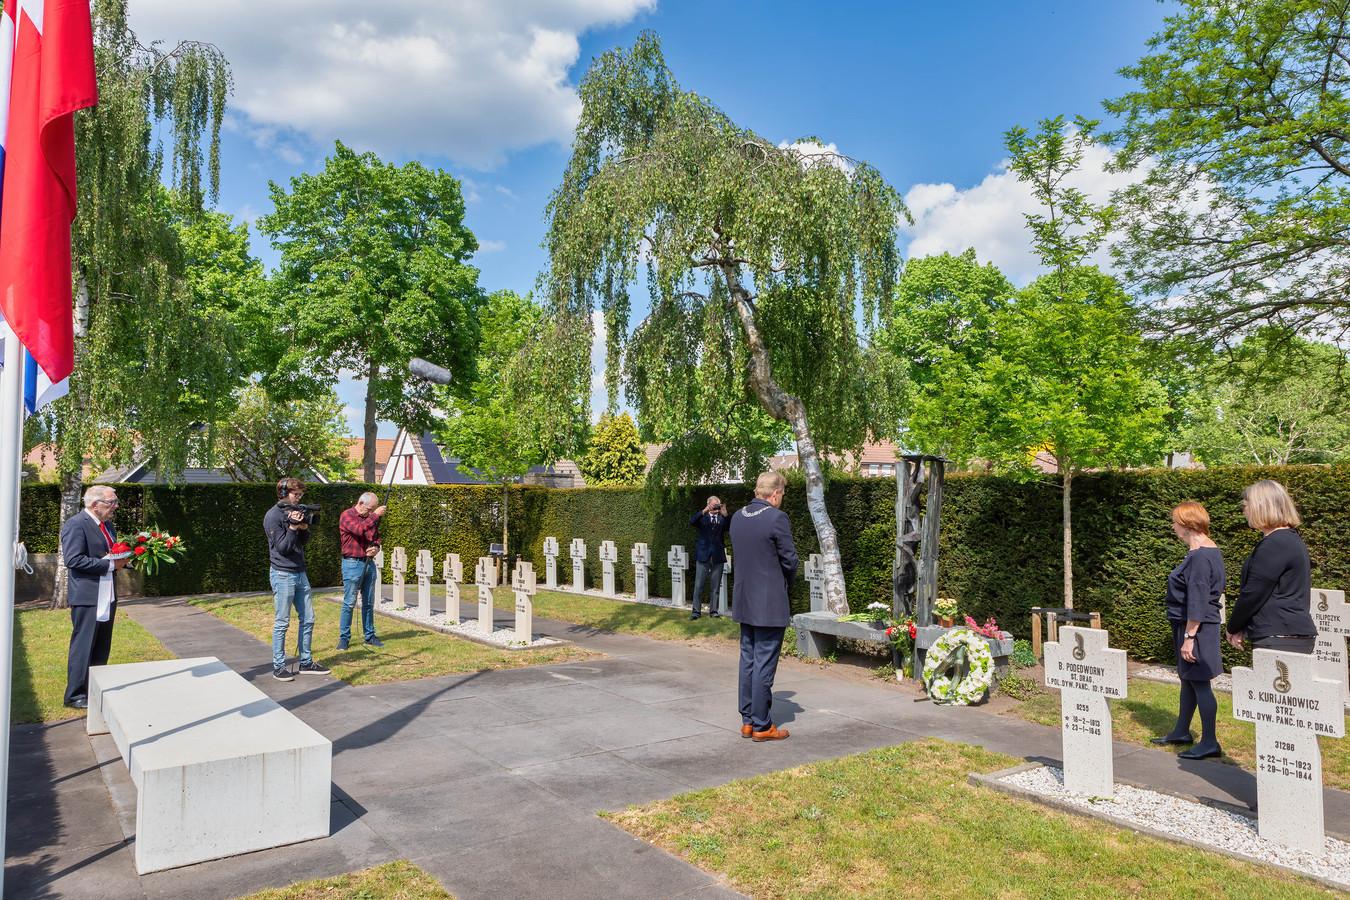 Ook vorig jaar kende Oosterhout een aangepaste dodenherdenking. Burgemeester Buijs wordt door de ORTS gefilmd tijdens een kranslegging.